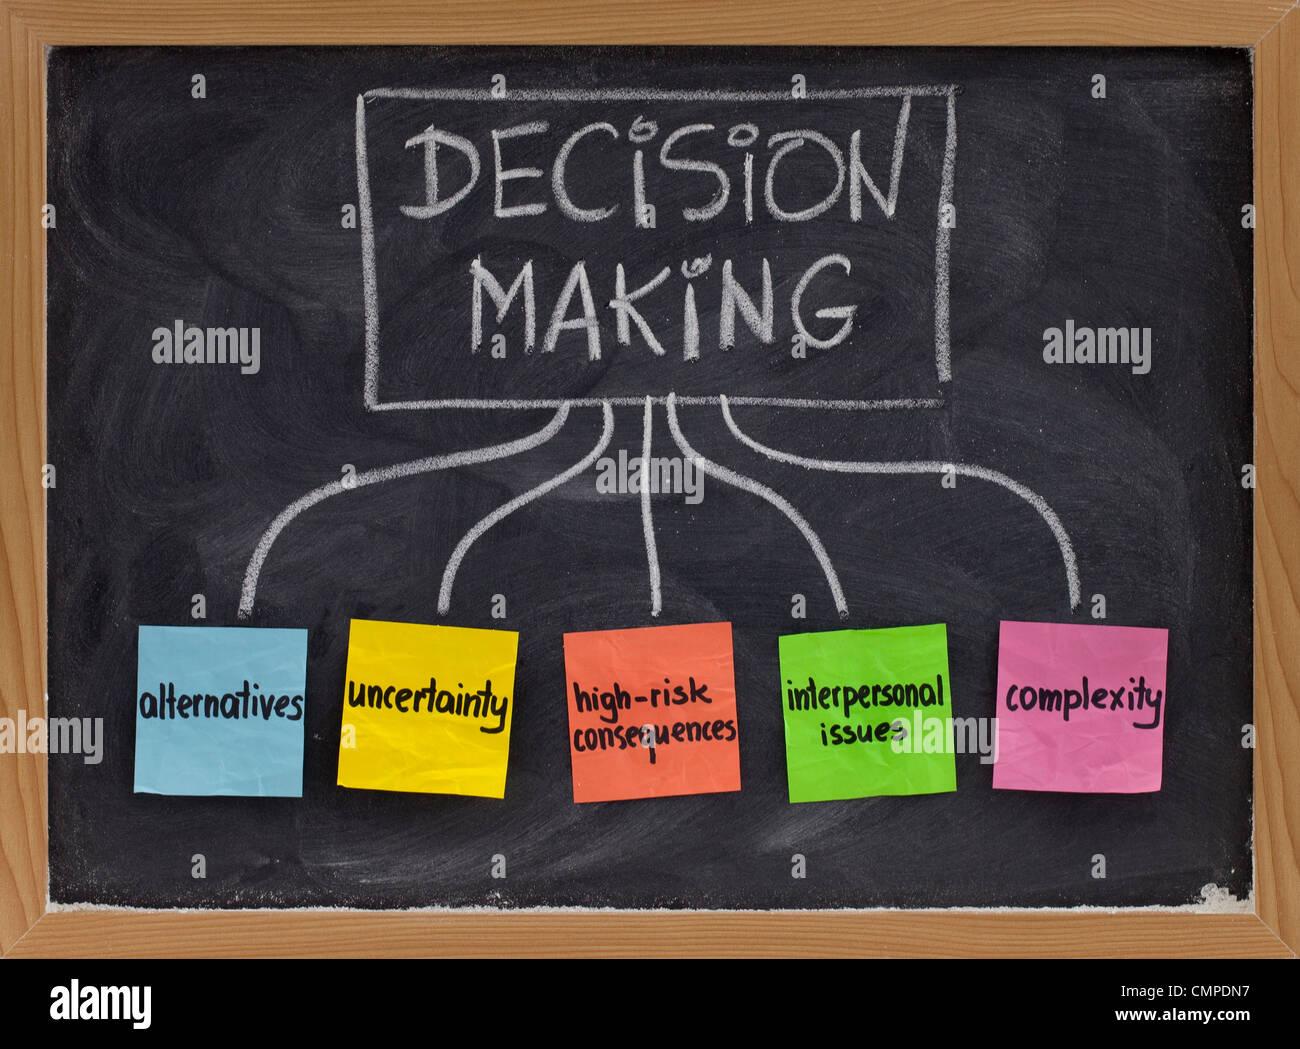 Themen rund um die Entscheidungsfindung - Alternativen, Risiko folgen, Komplexität, Unsicherheit, persönliche Stockbild